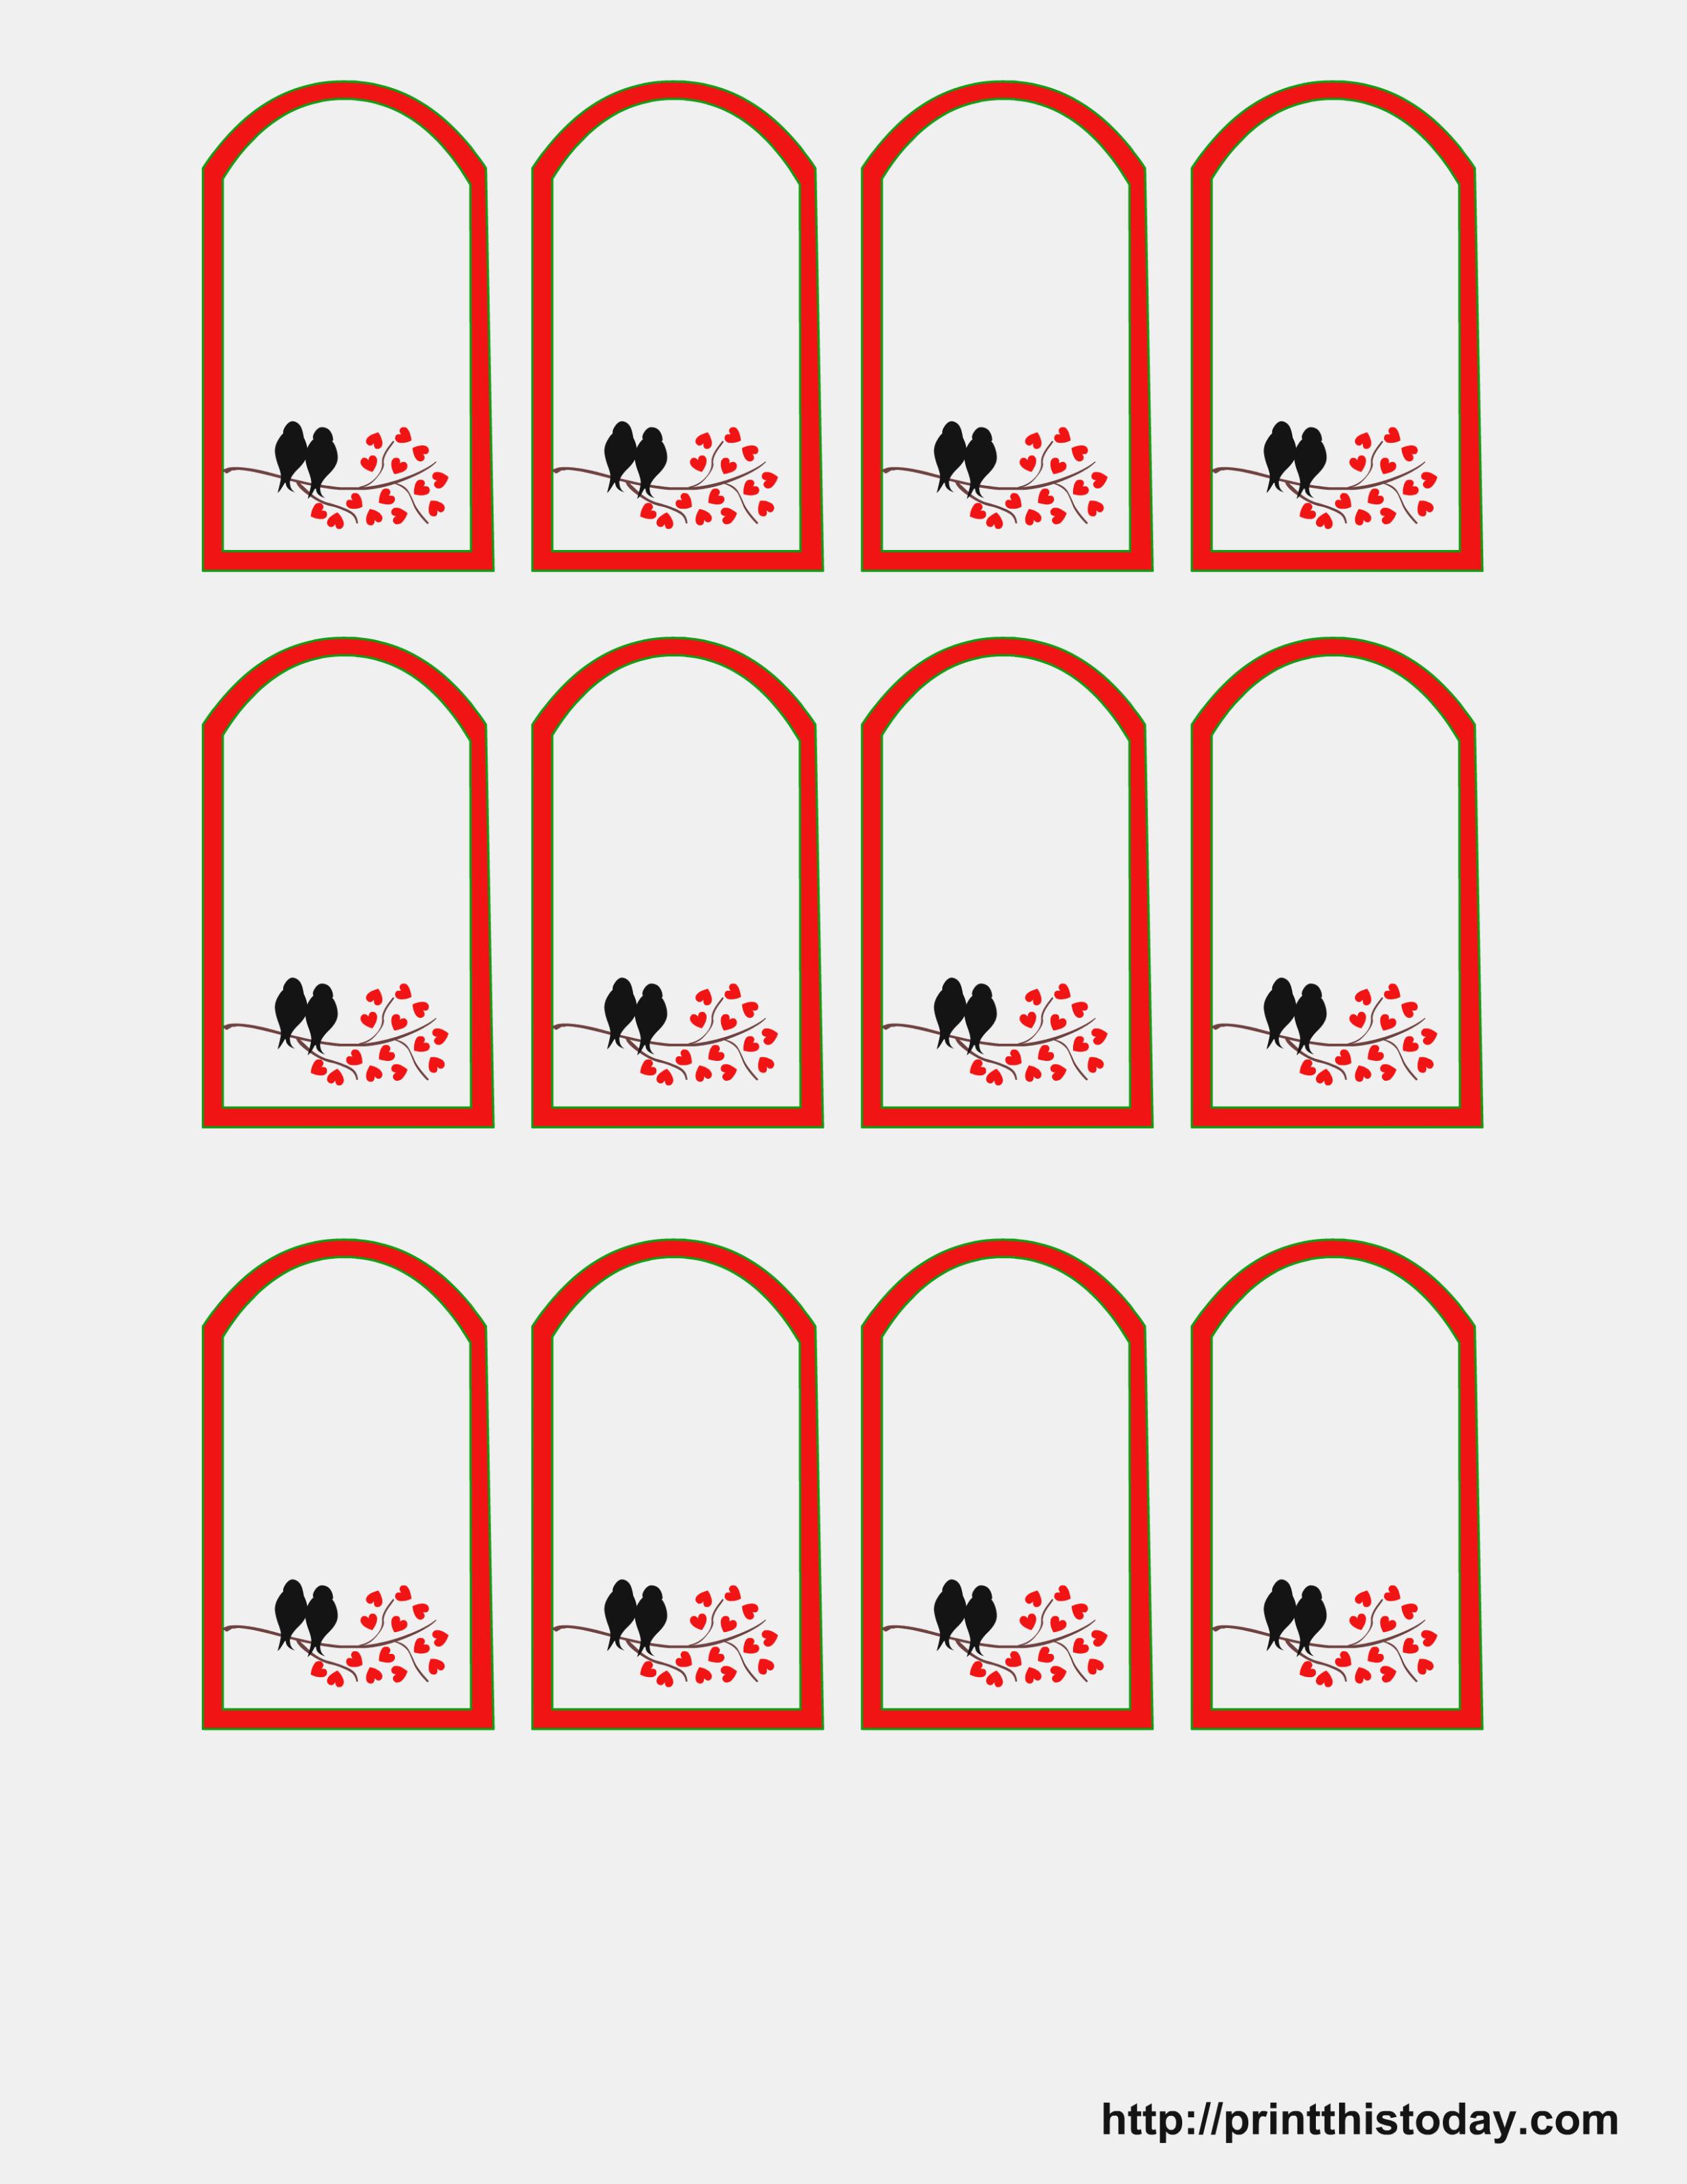 Free Printable Wedding Favor Tags 11 Thank You Tag Template - Free Printable Wedding Thank You Tags